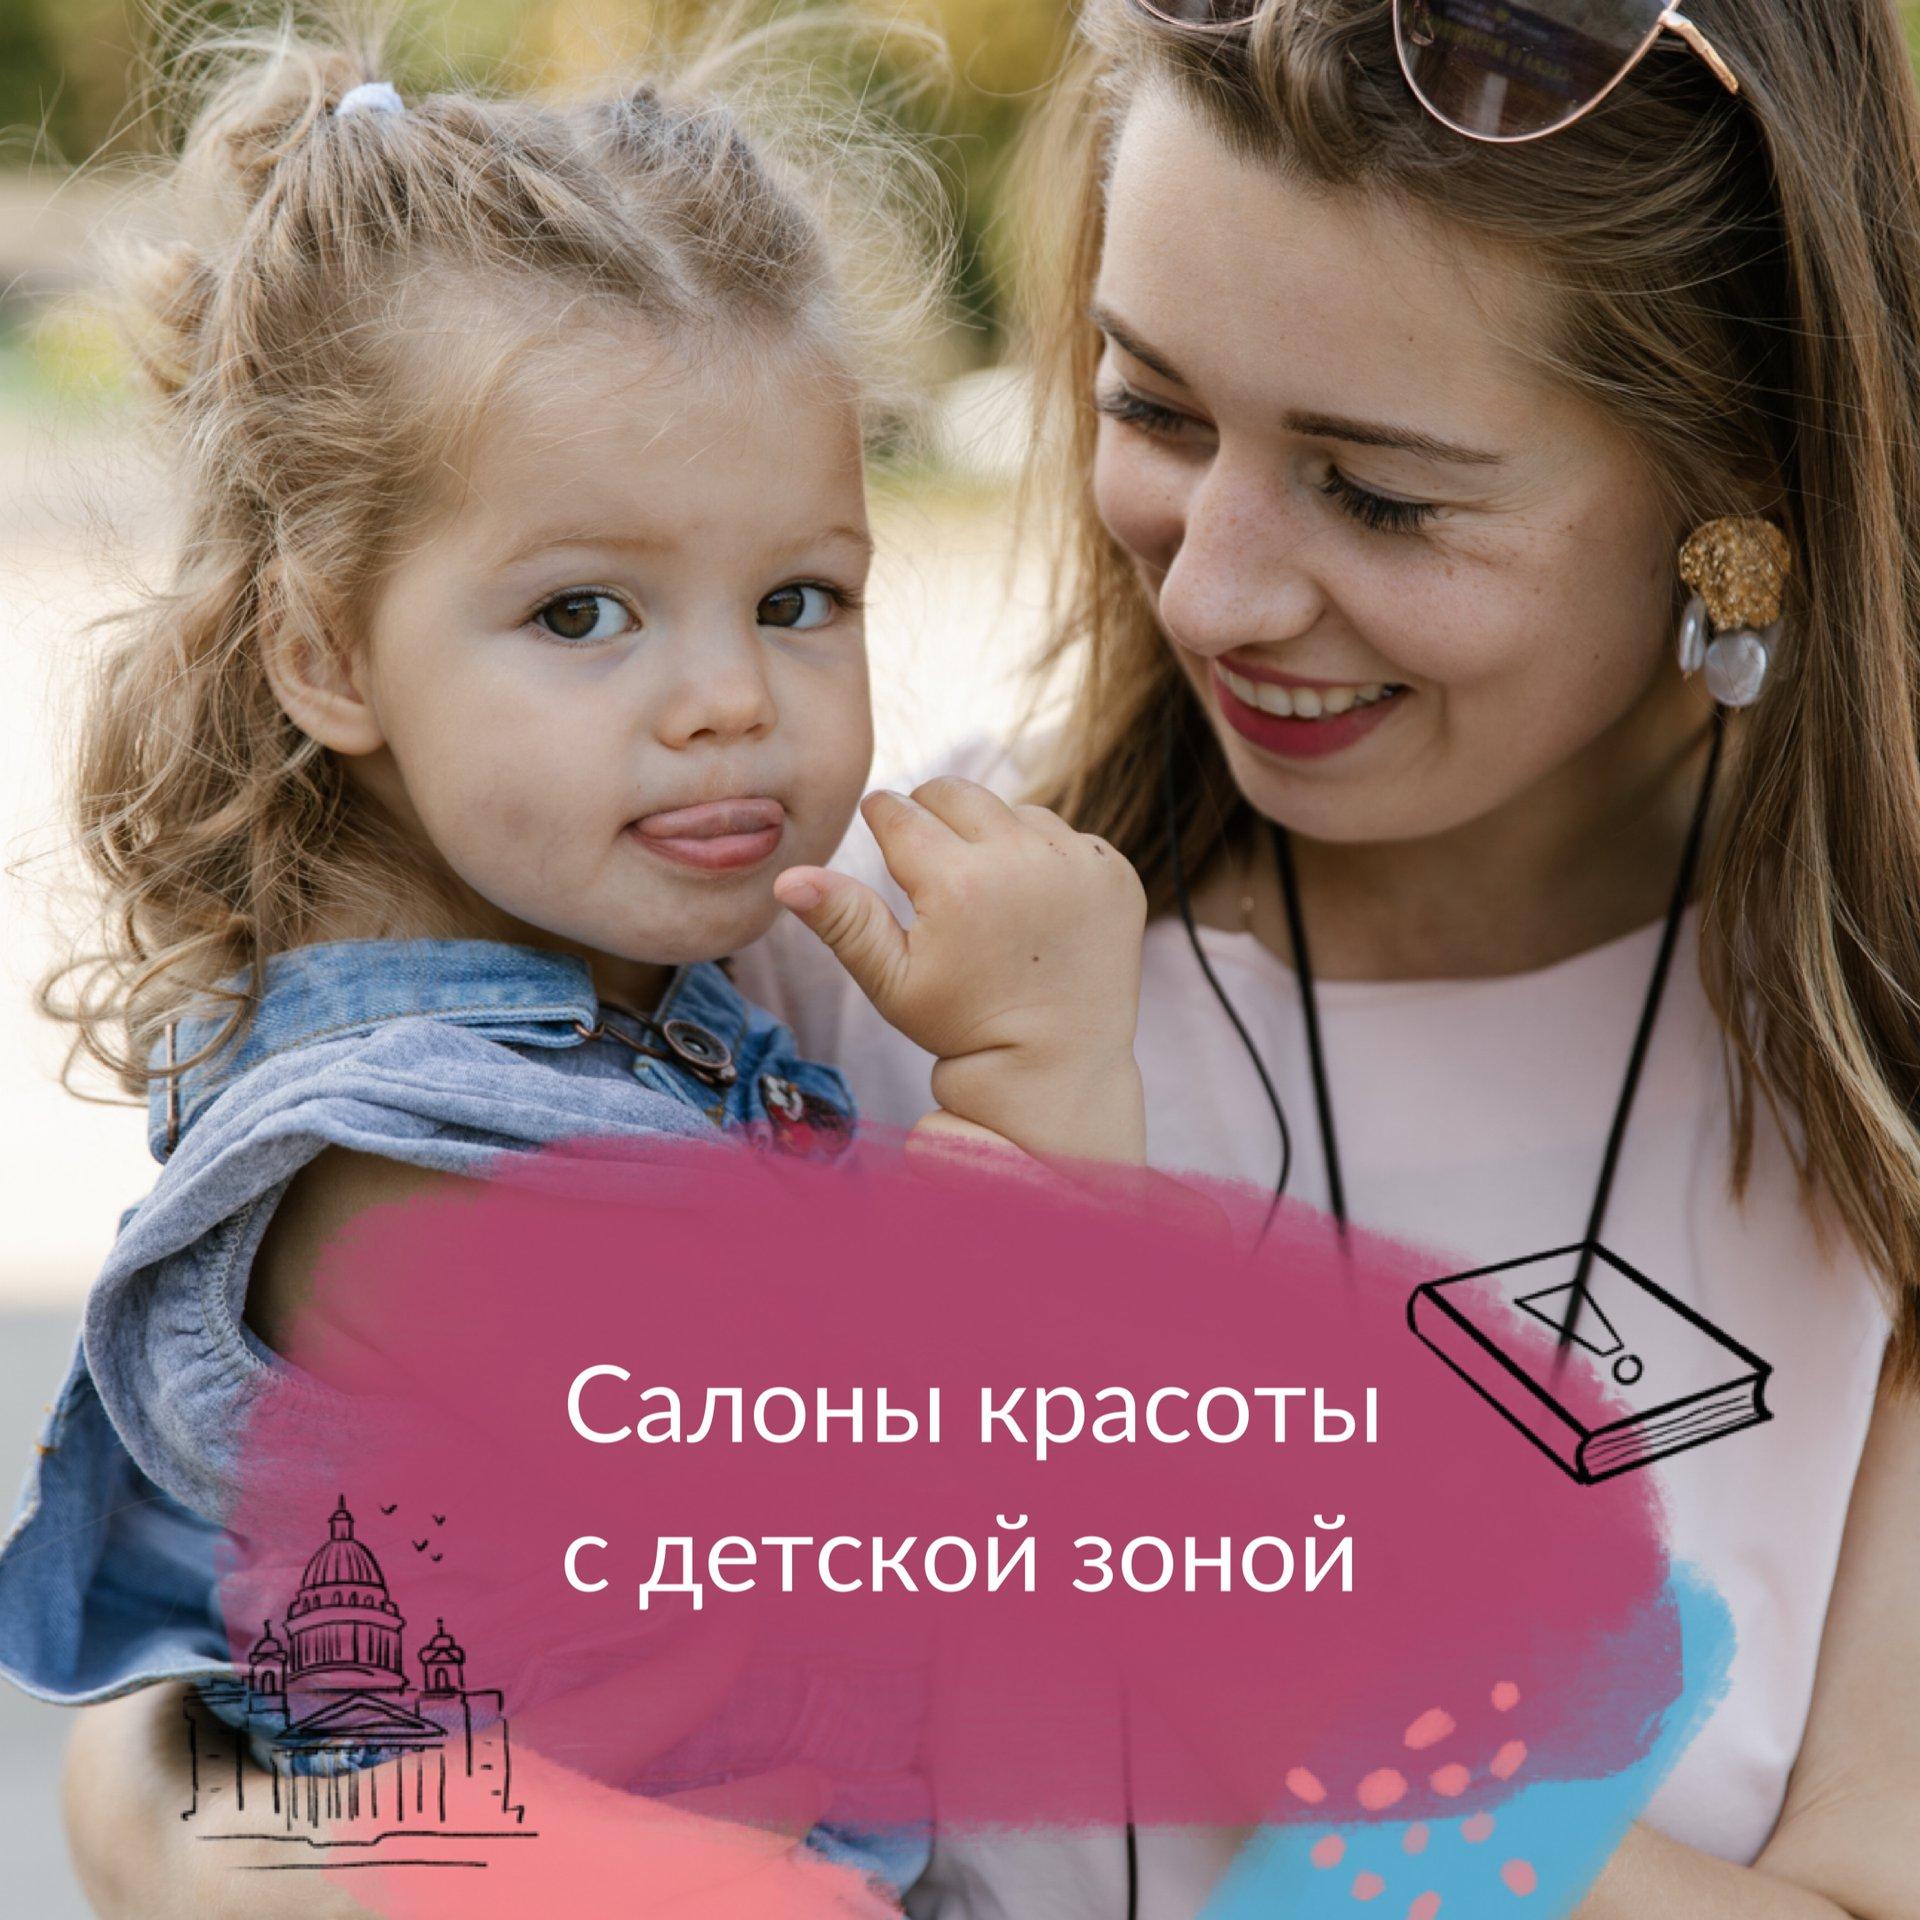 Салоны красоты Москвы с детской зоной